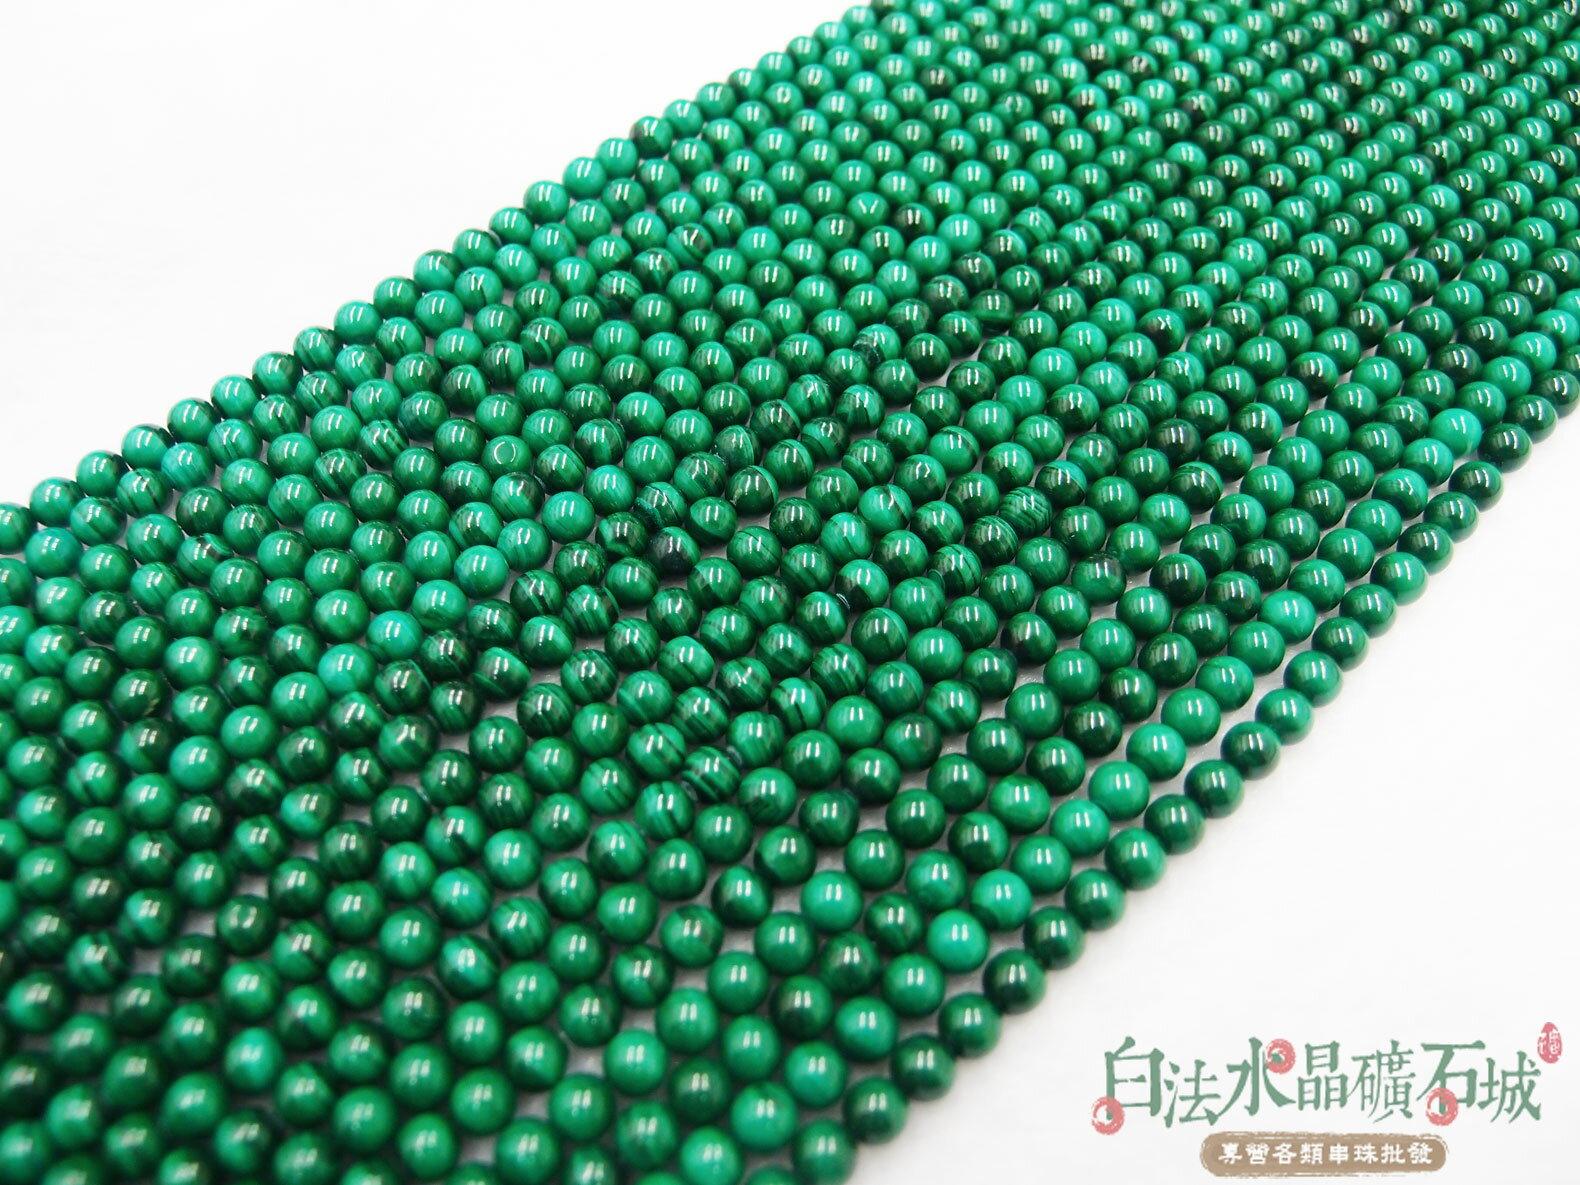 白法水晶礦石城    巴西 天然-孔雀石 5mm  串珠/條珠 首飾材料